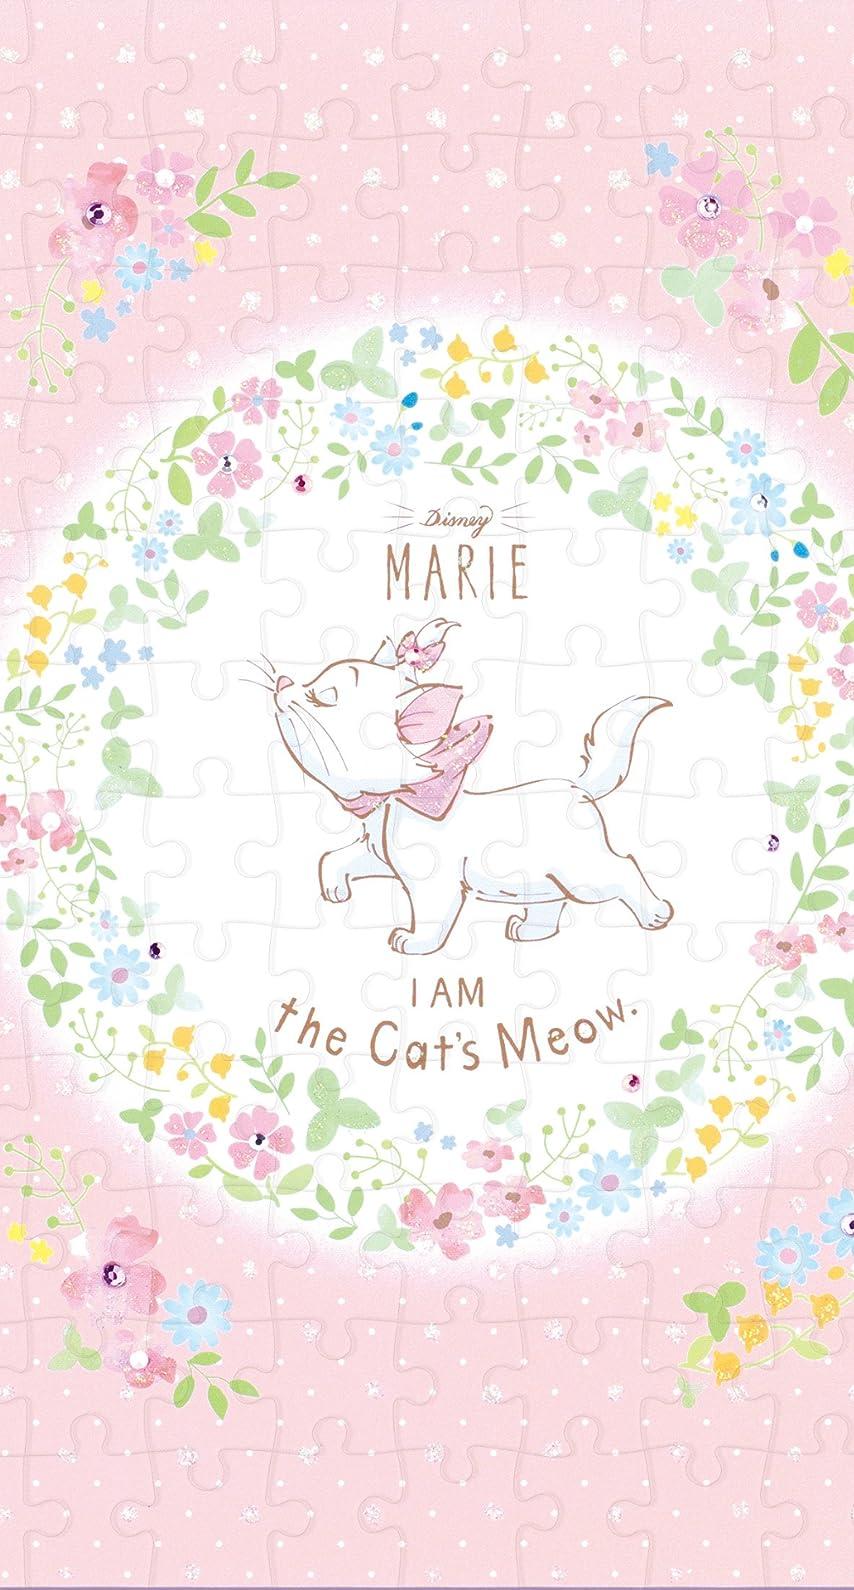 ディズニー Disney Marie (ディズニー マリー) iPhone8/7/6s/6 壁紙 視差効果 画像71392 スマポ